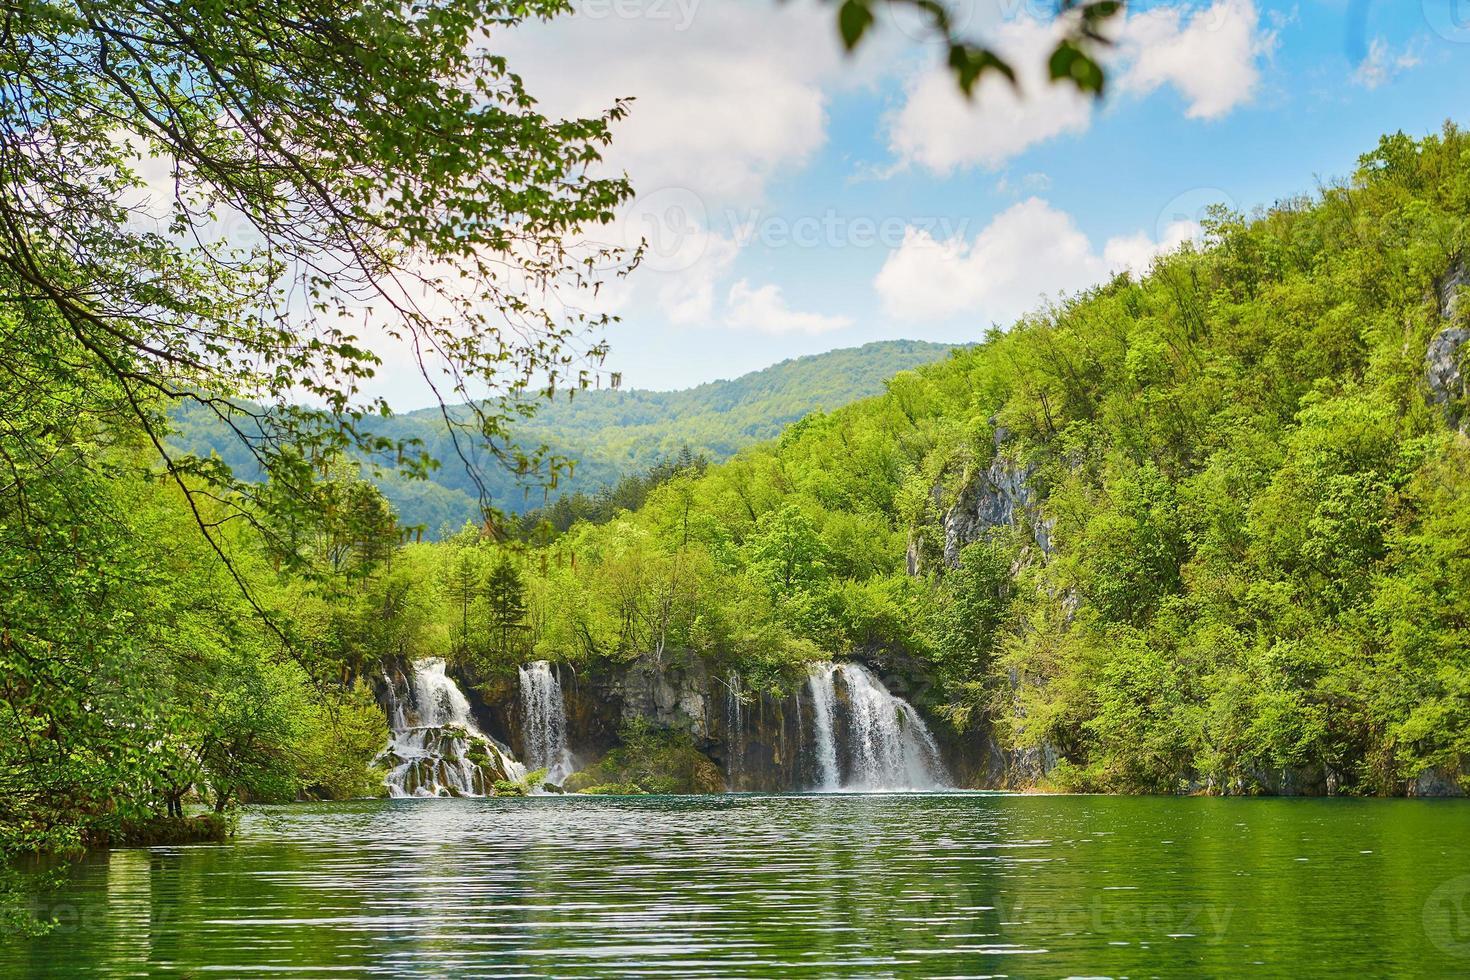 prachtige watervallen in nationaal park Plitvice foto